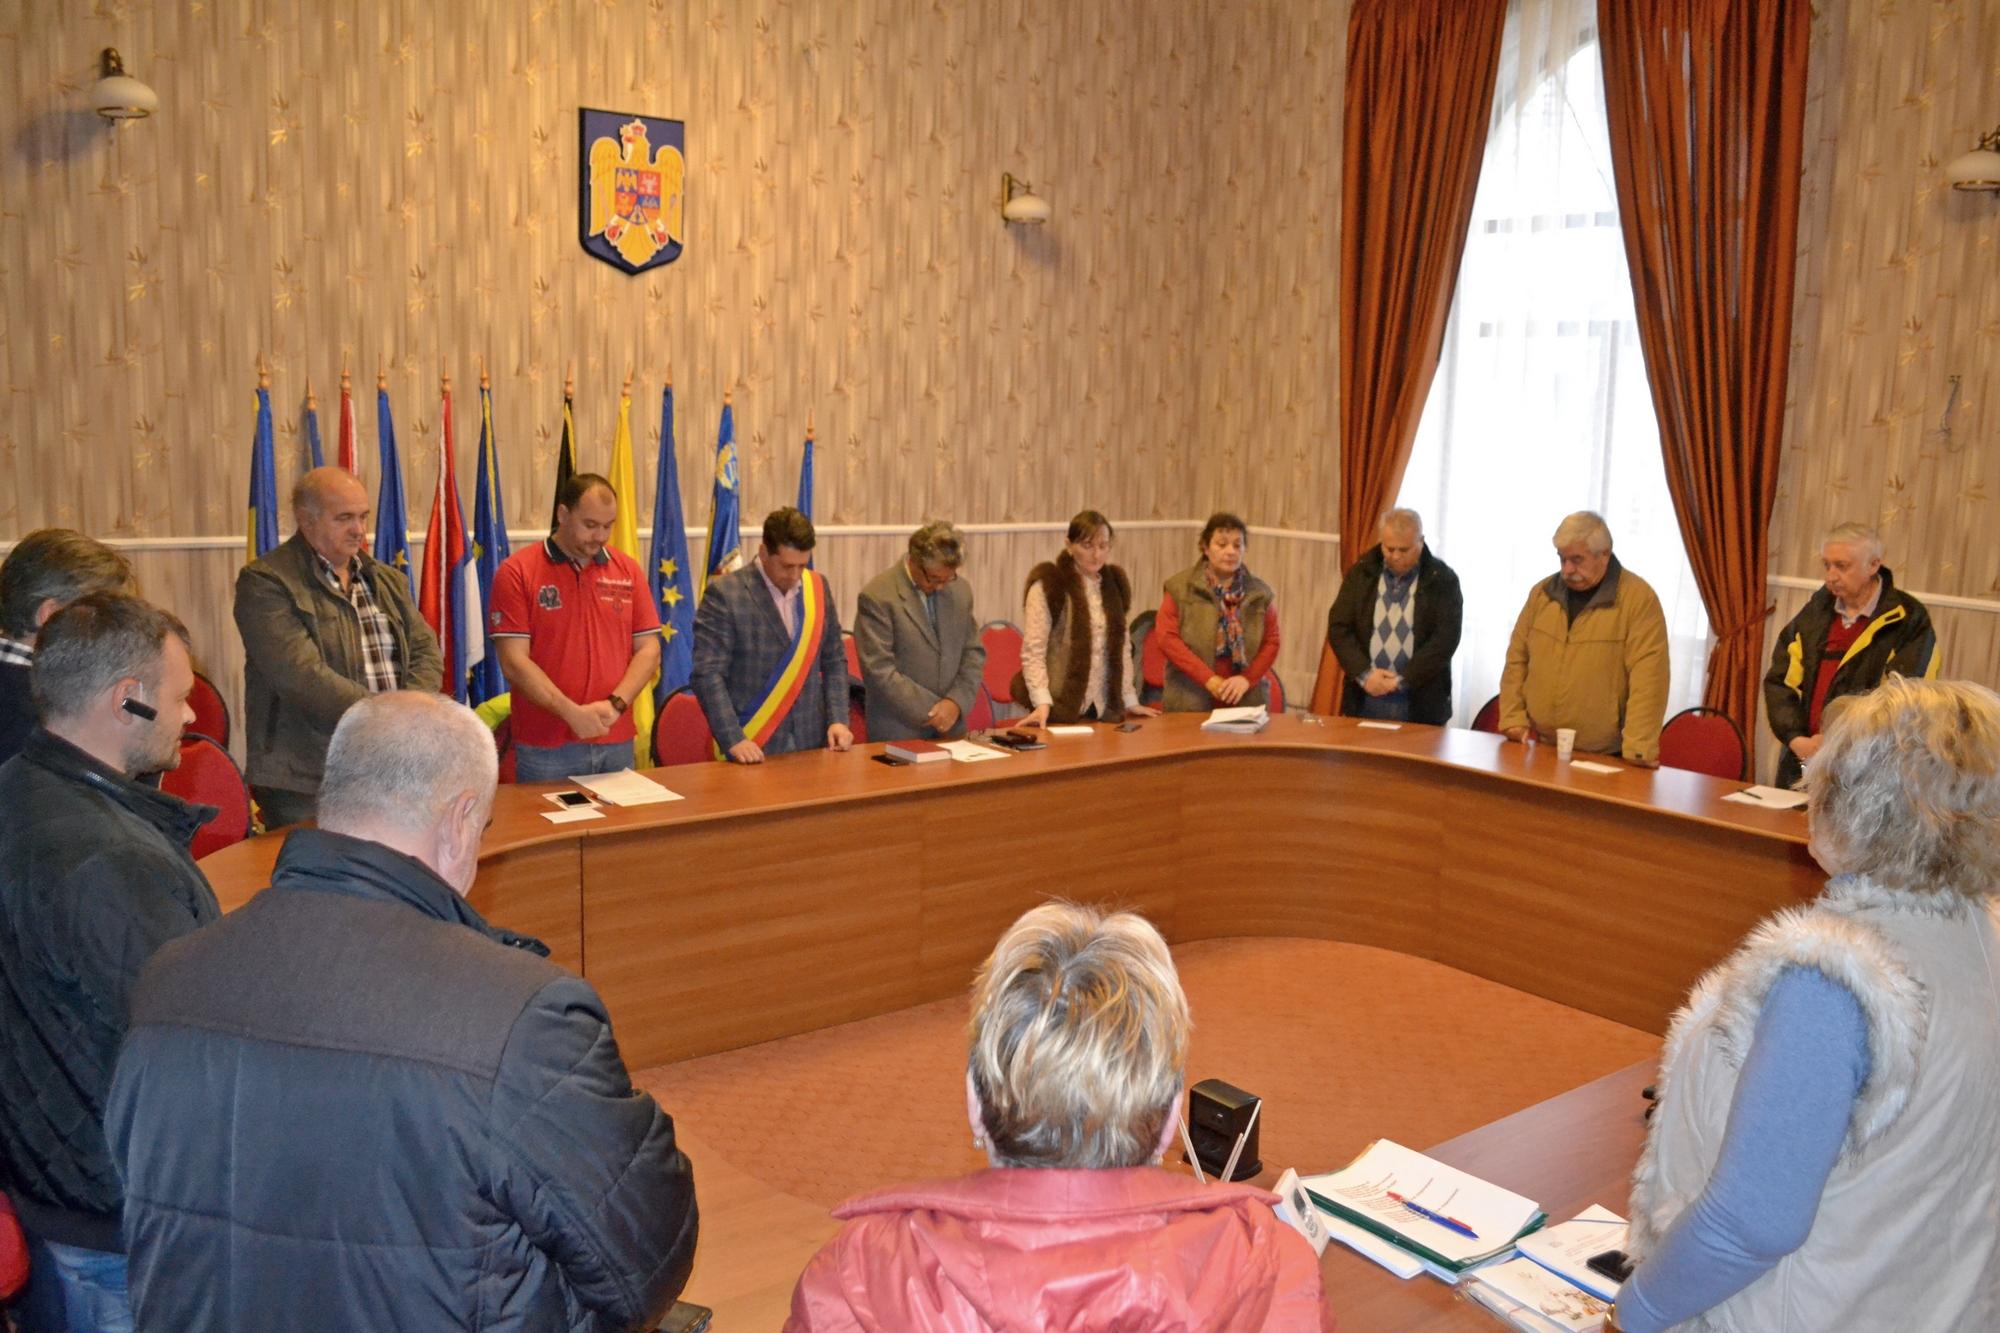 Moment de reculegere şi validare de mandat în Consiliul Local Pecica